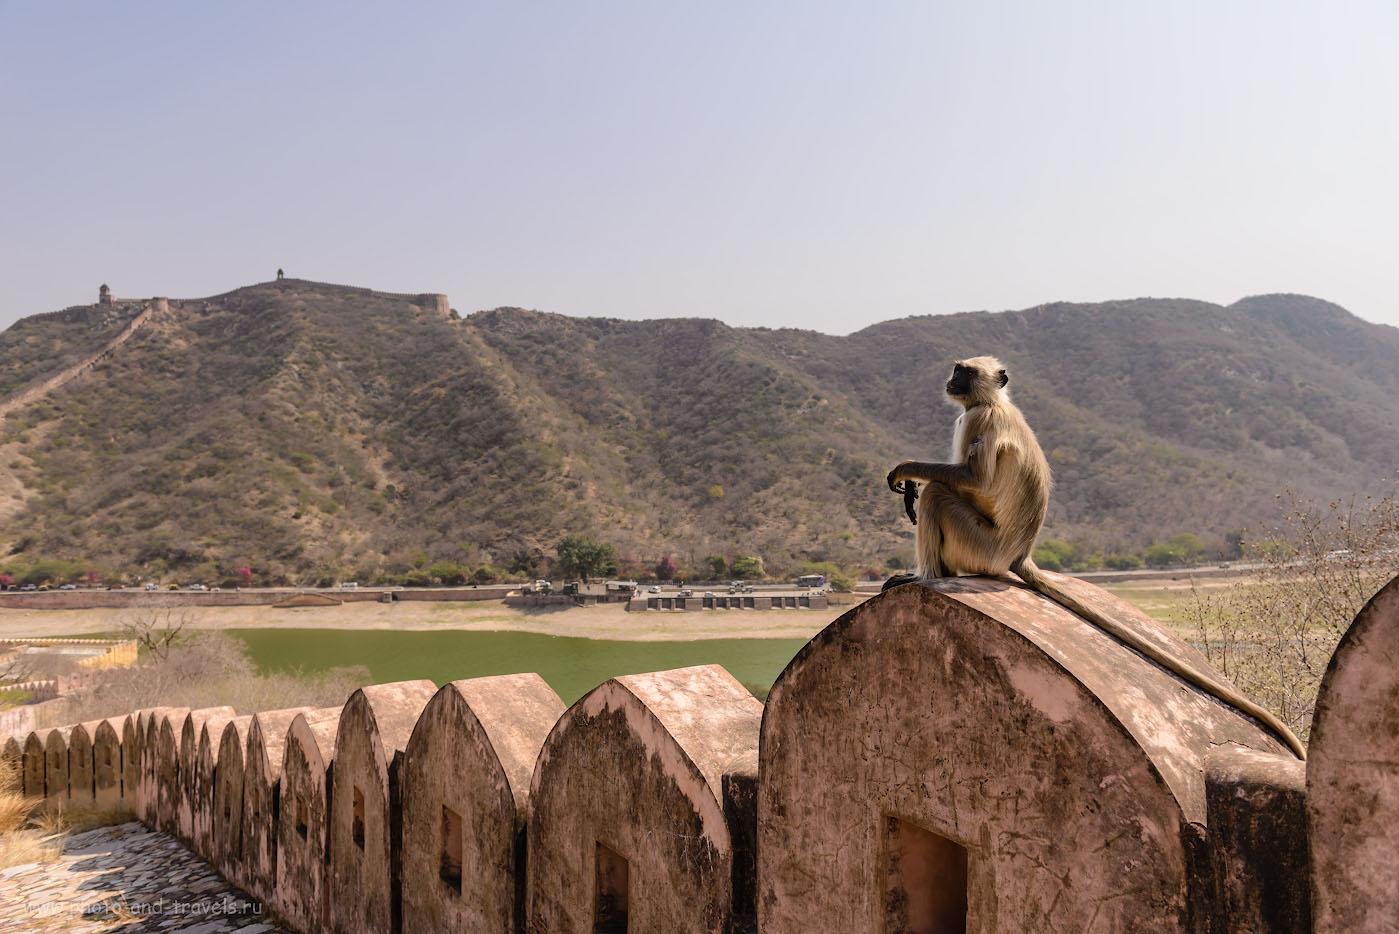 Фотография 14. Лангур на крепостной стене между фортами Амбер и Джайгарх. Отзывы об экскурсии по «Золотому треугольнику Индии». 1/800, -0.33, 4.5, 100, 24.